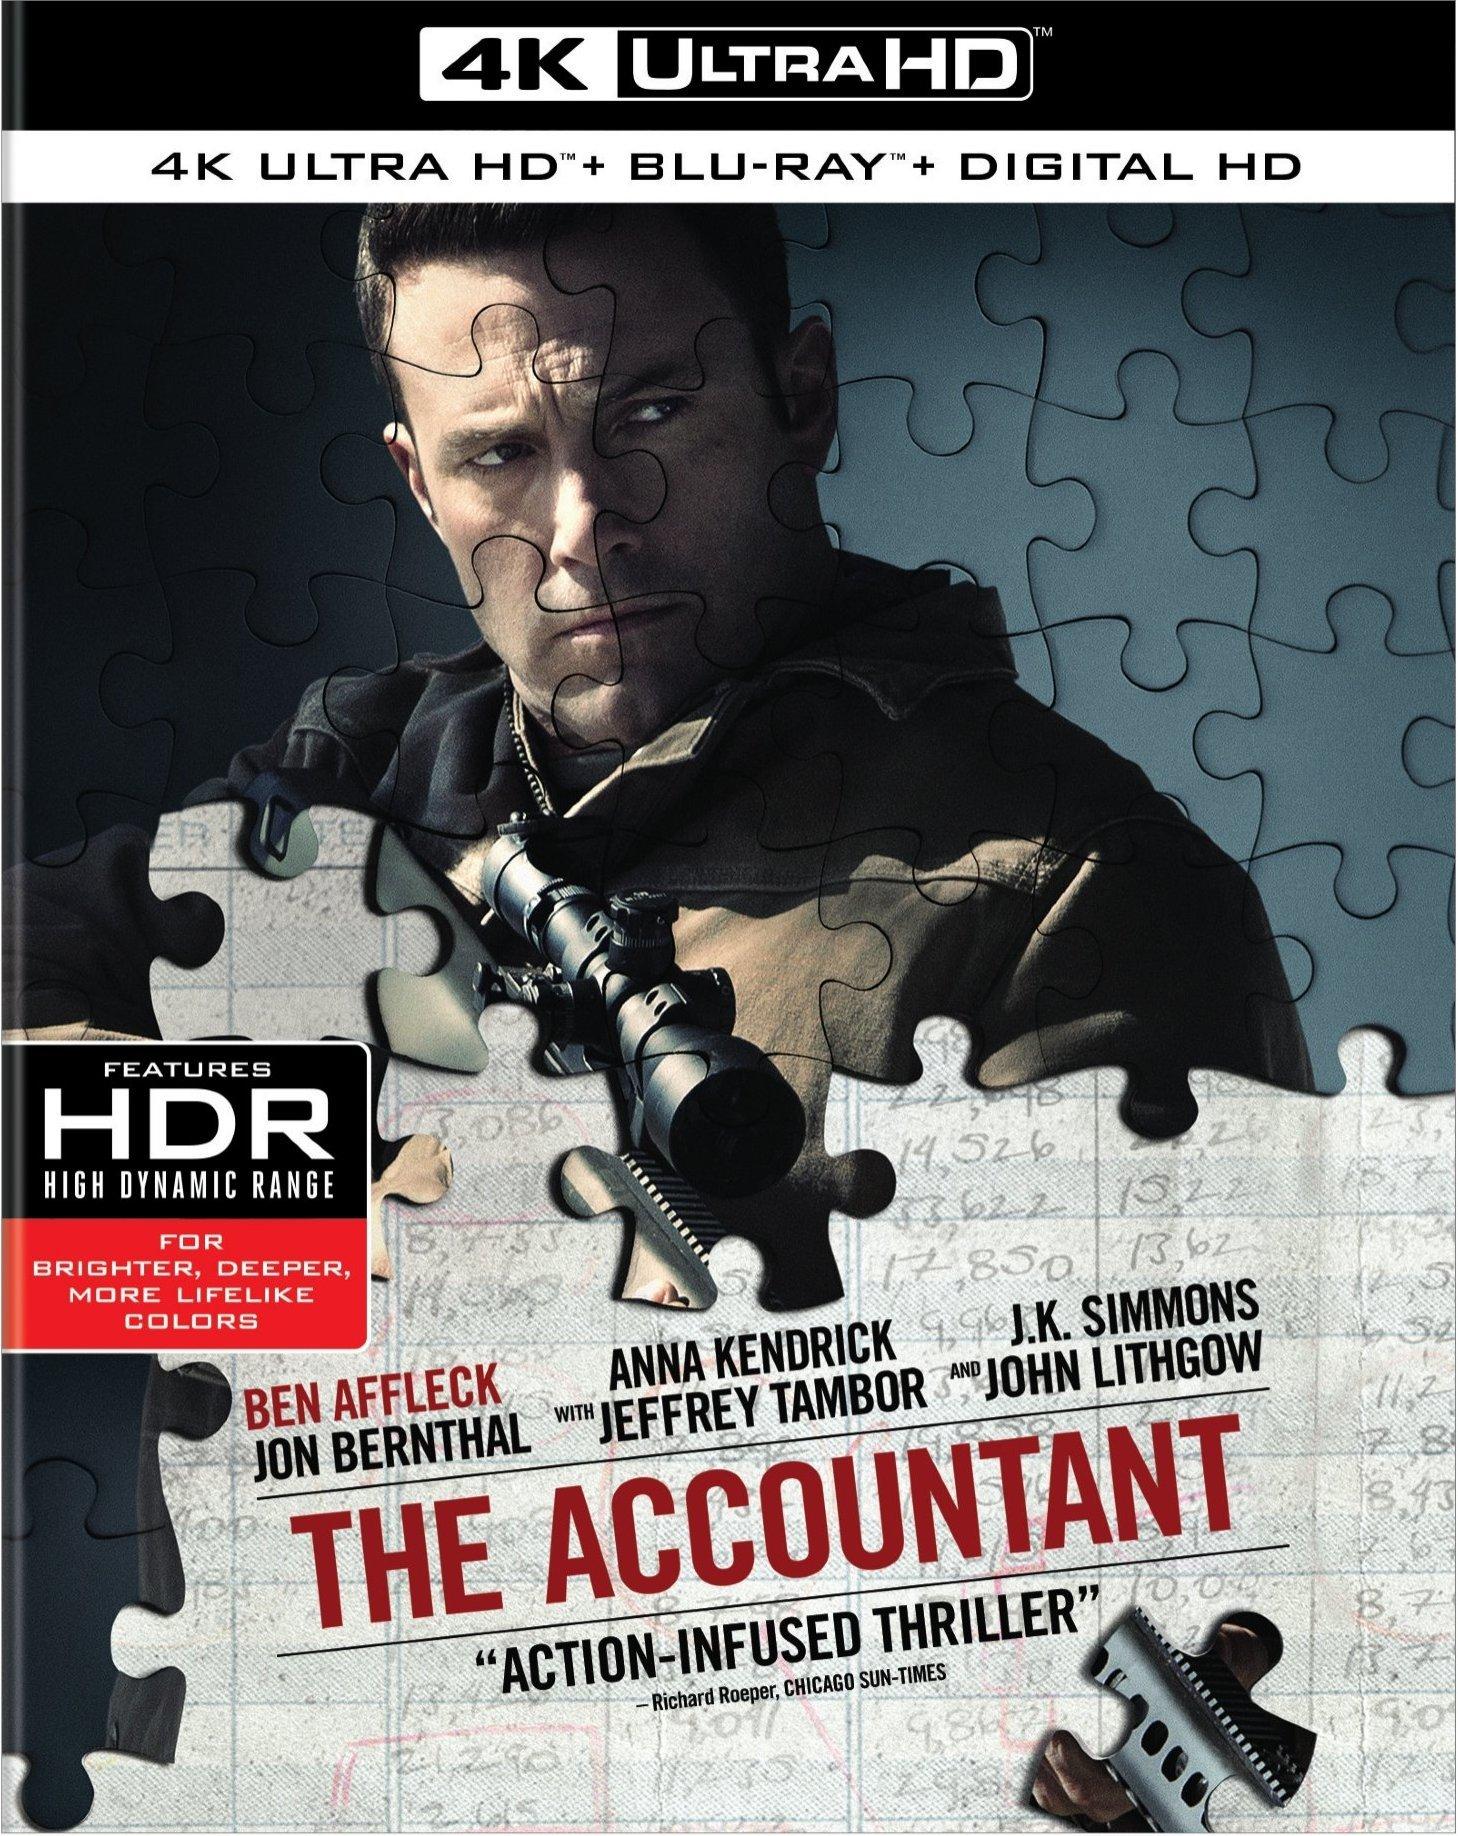 The Accountant 4K (2016) Ultra HD Blu-ray